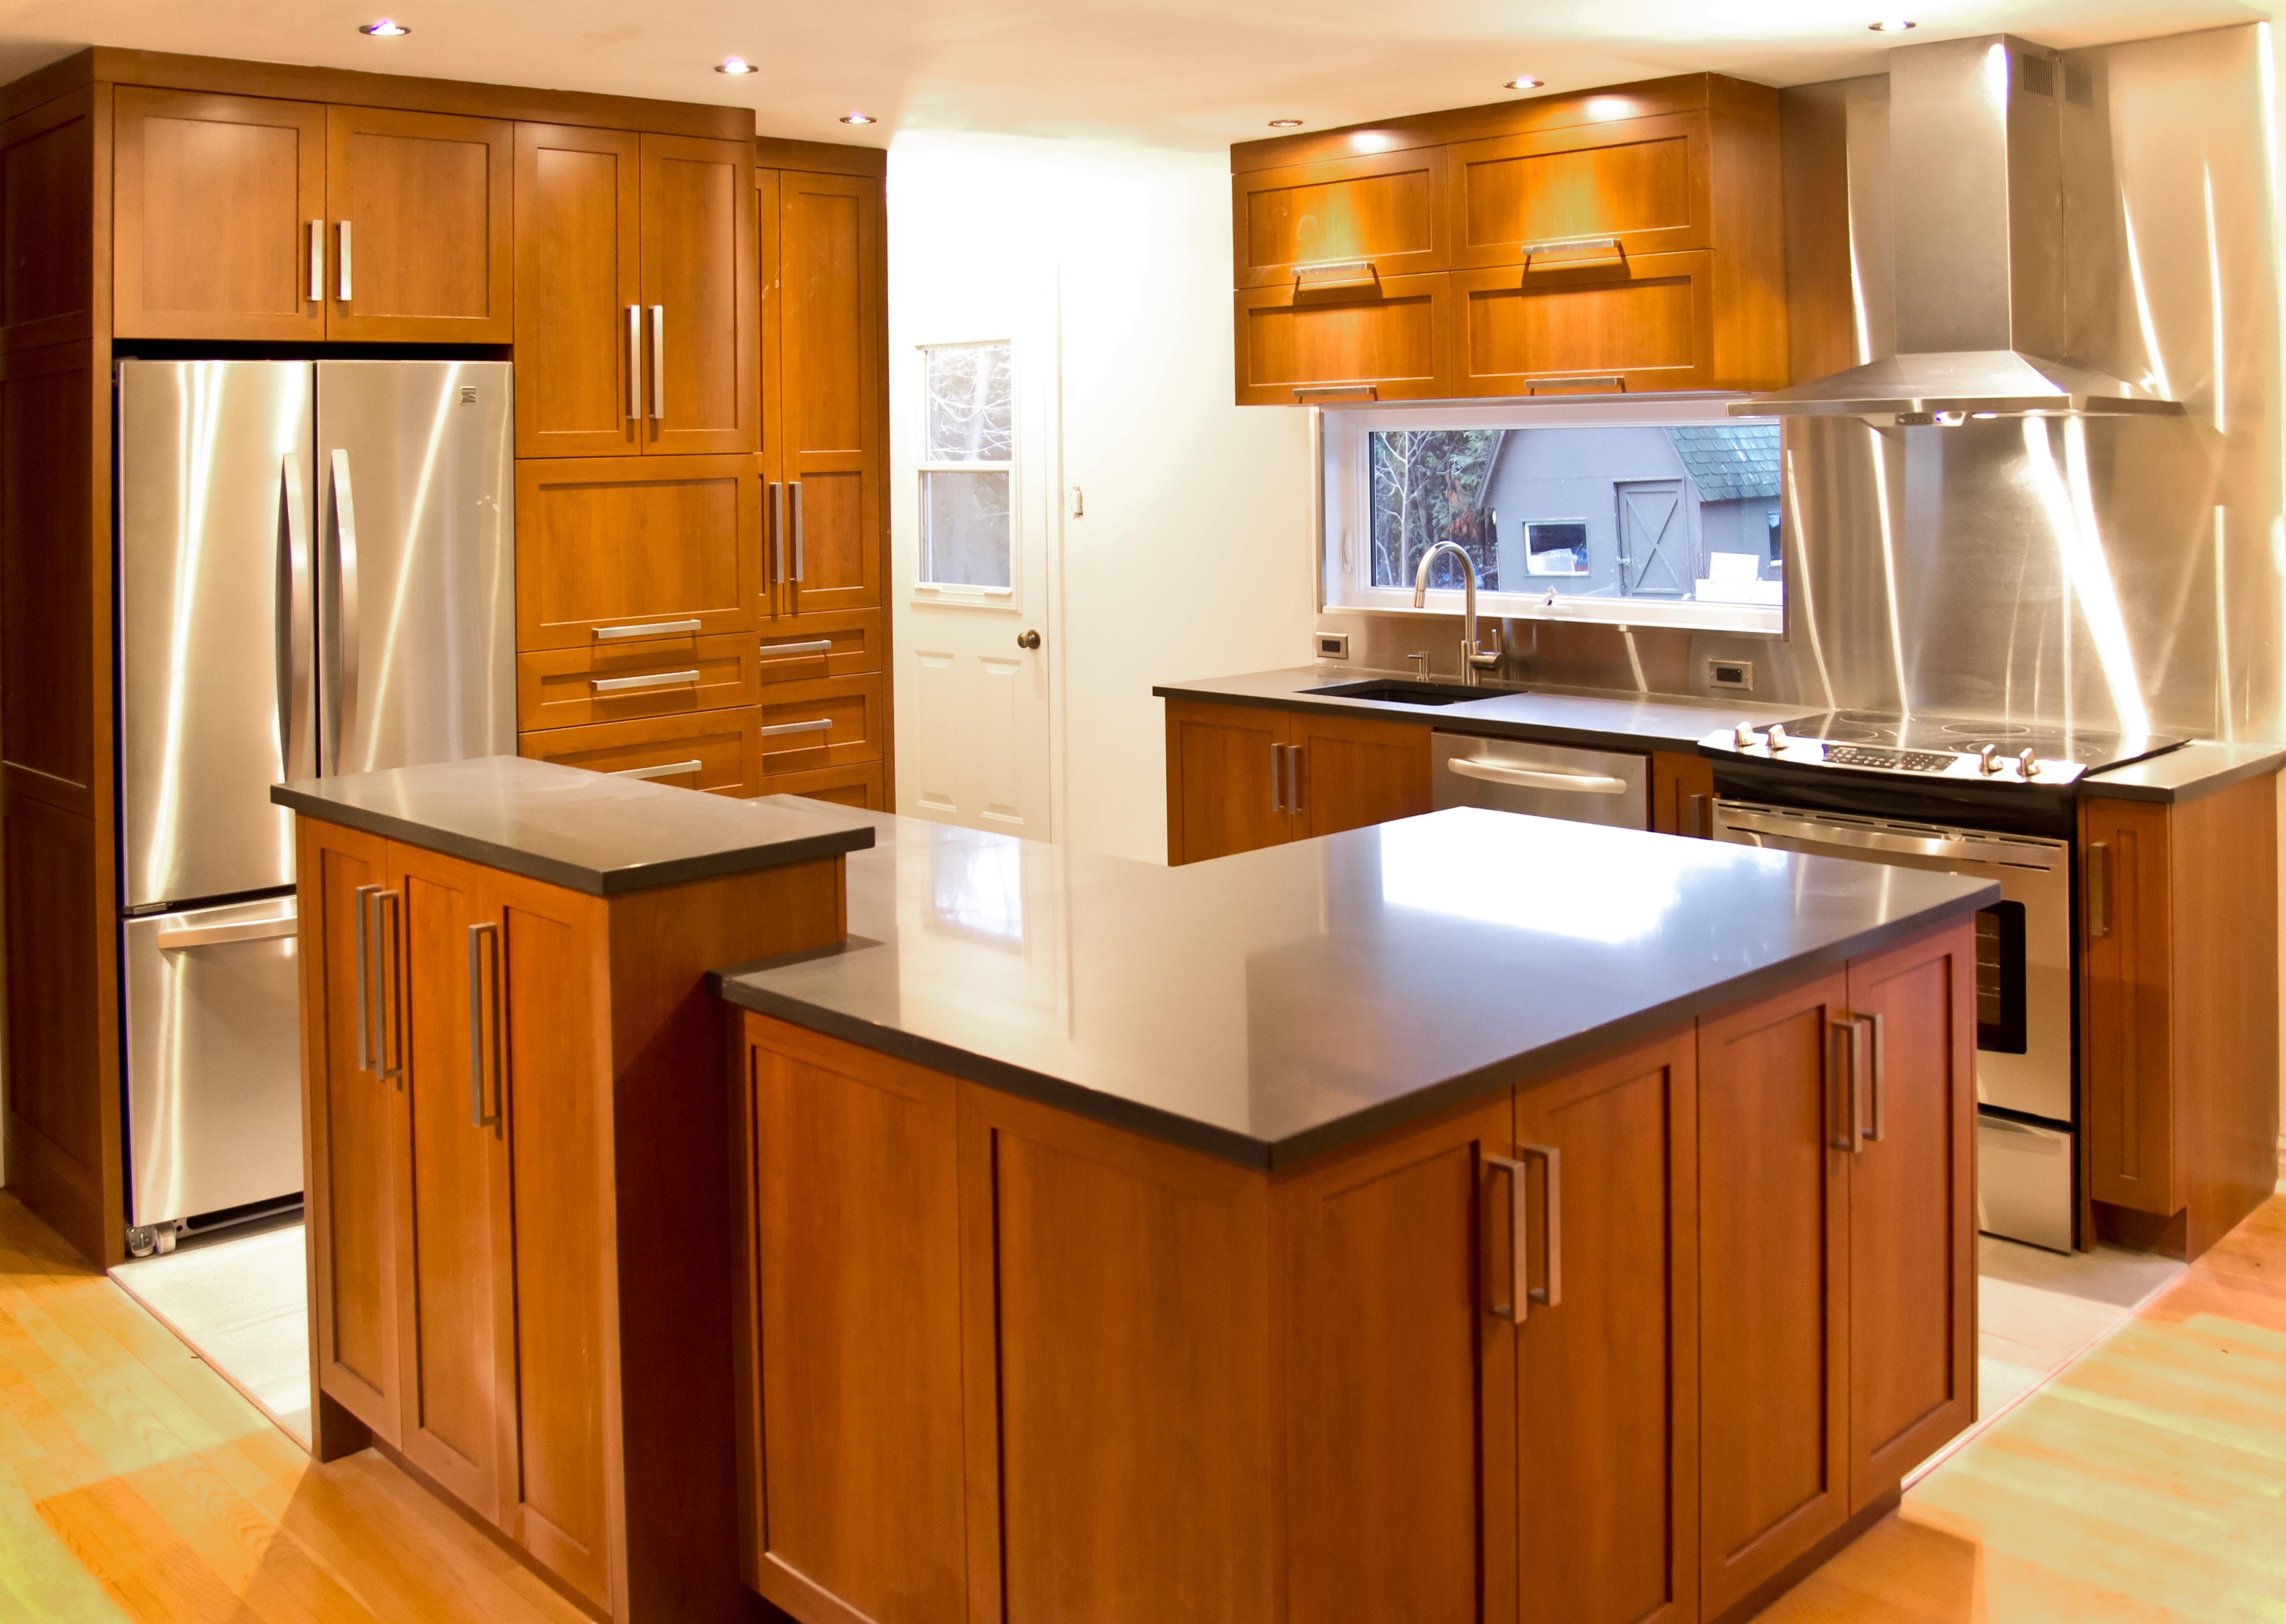 Installation d 39 armoires de cuisine sur mesure rive sud de montr al - Teindre armoire de cuisine ...